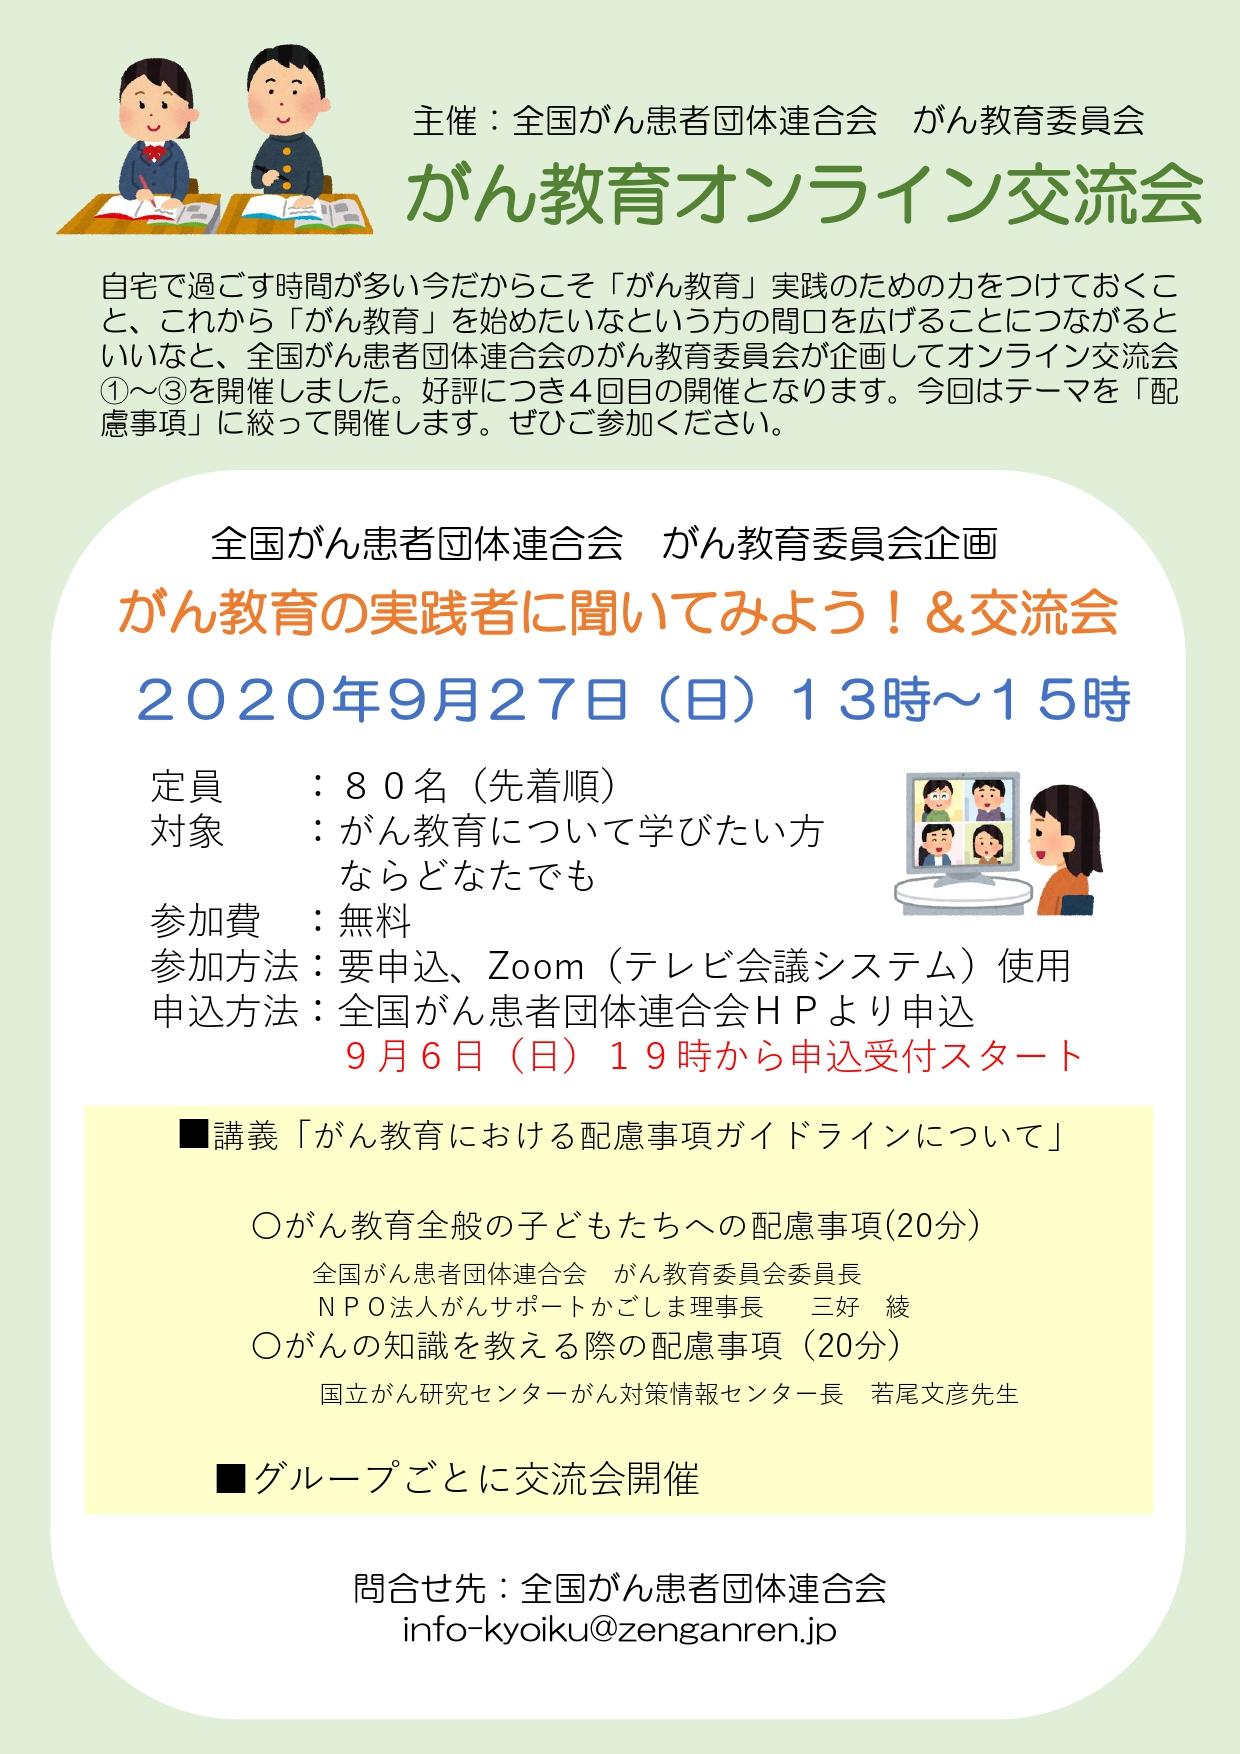 オンライン交流会チラシ④_page-0001